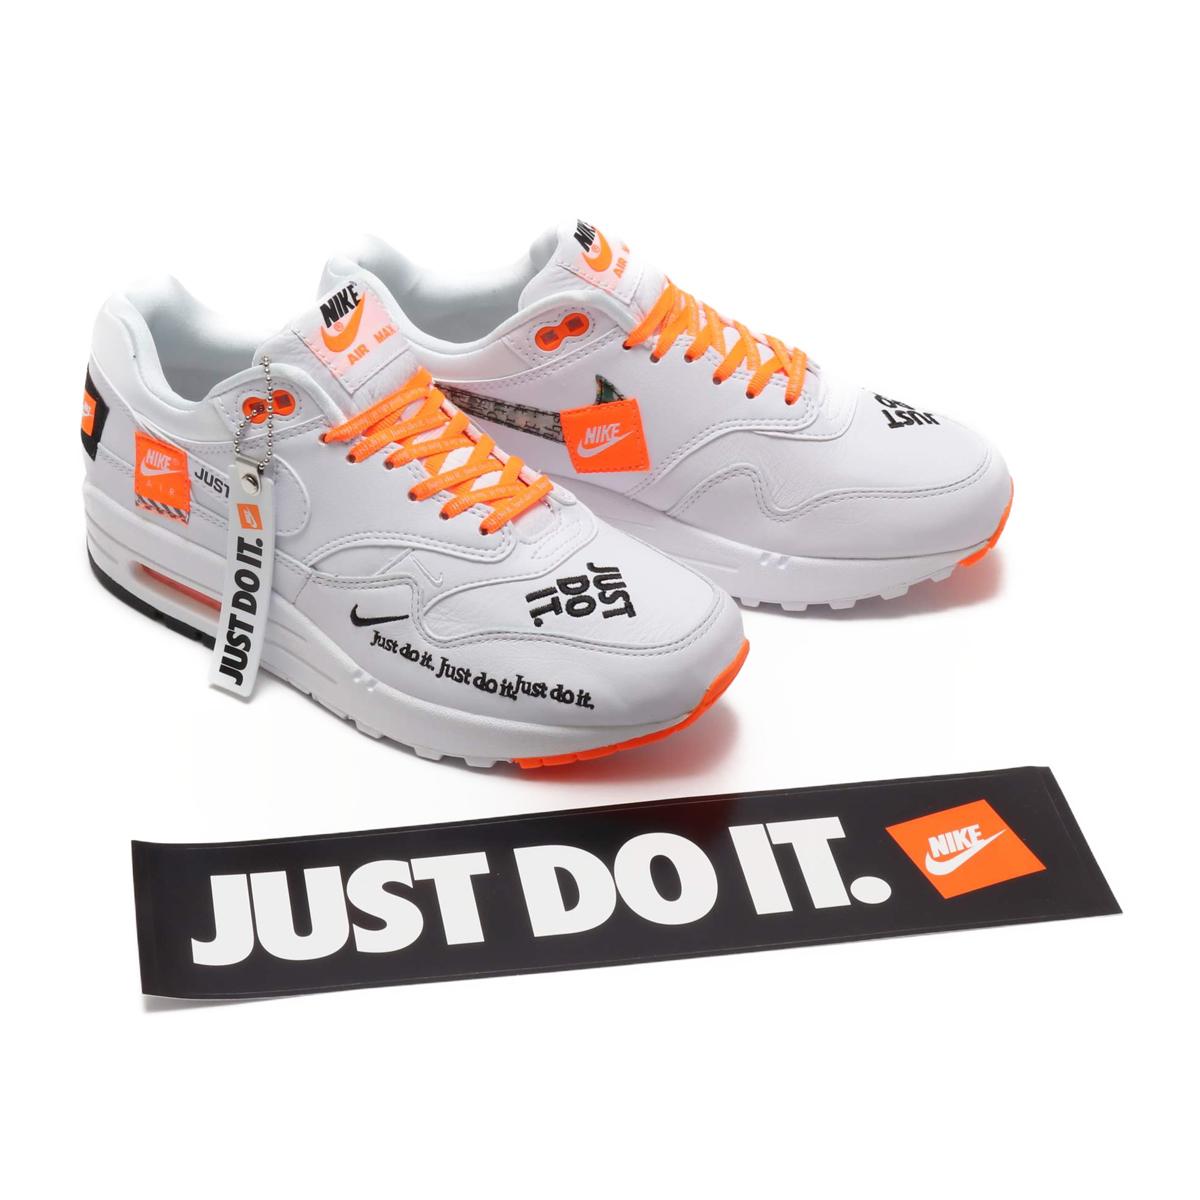 sale retailer 0fafb 8d019 ... NIKE WMNS AIR MAX 1 LX (Nike women Air Max 1 LX) WHITE